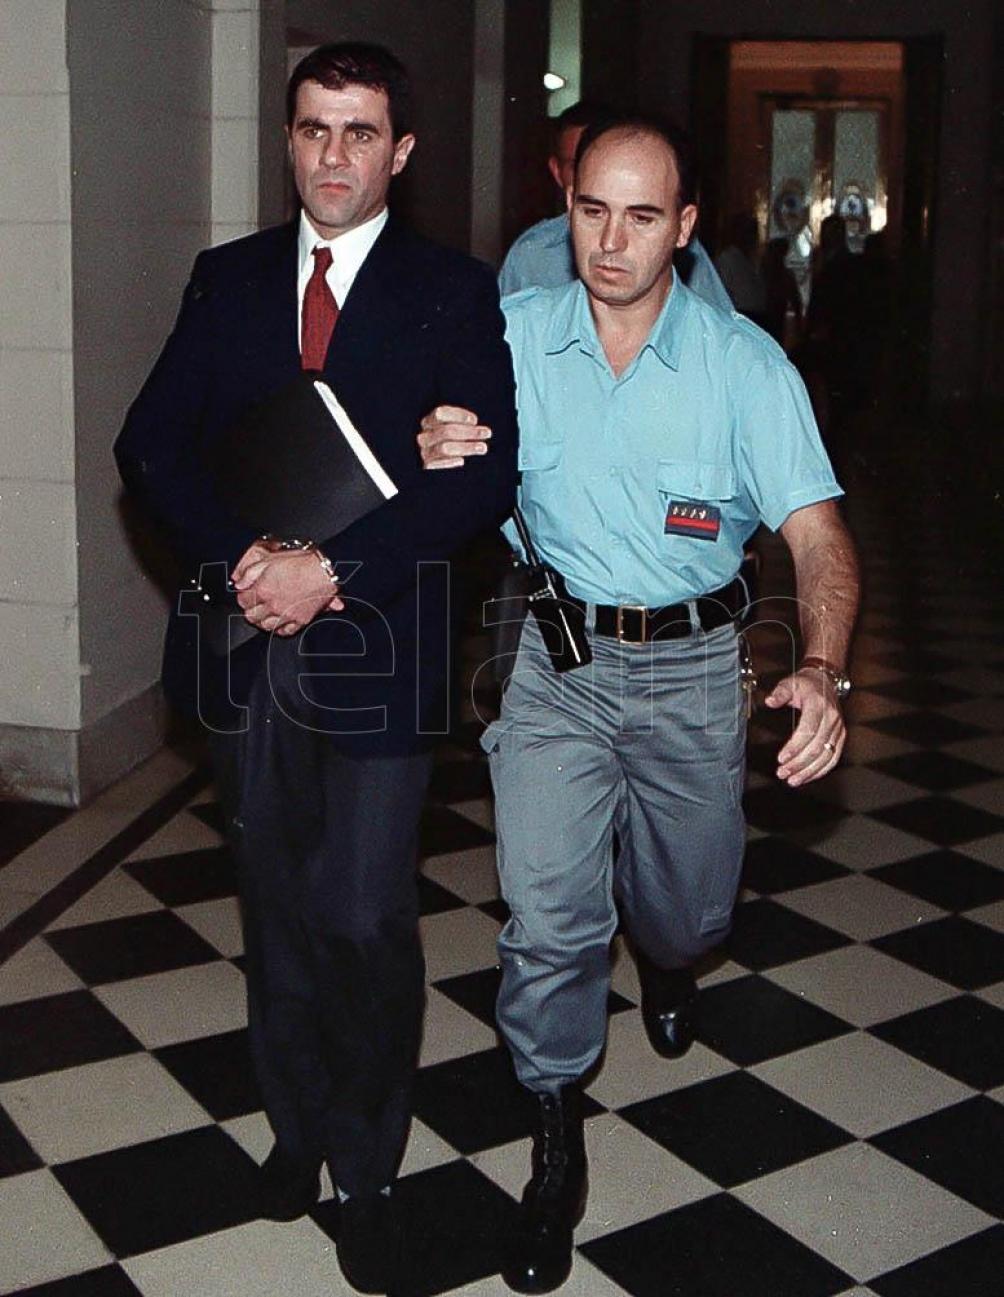 Eduardo Fermín Elicabe, el autor de un crimen que conmovió al país. Desde hacer diez años está en libertad. (Foto: Télam)